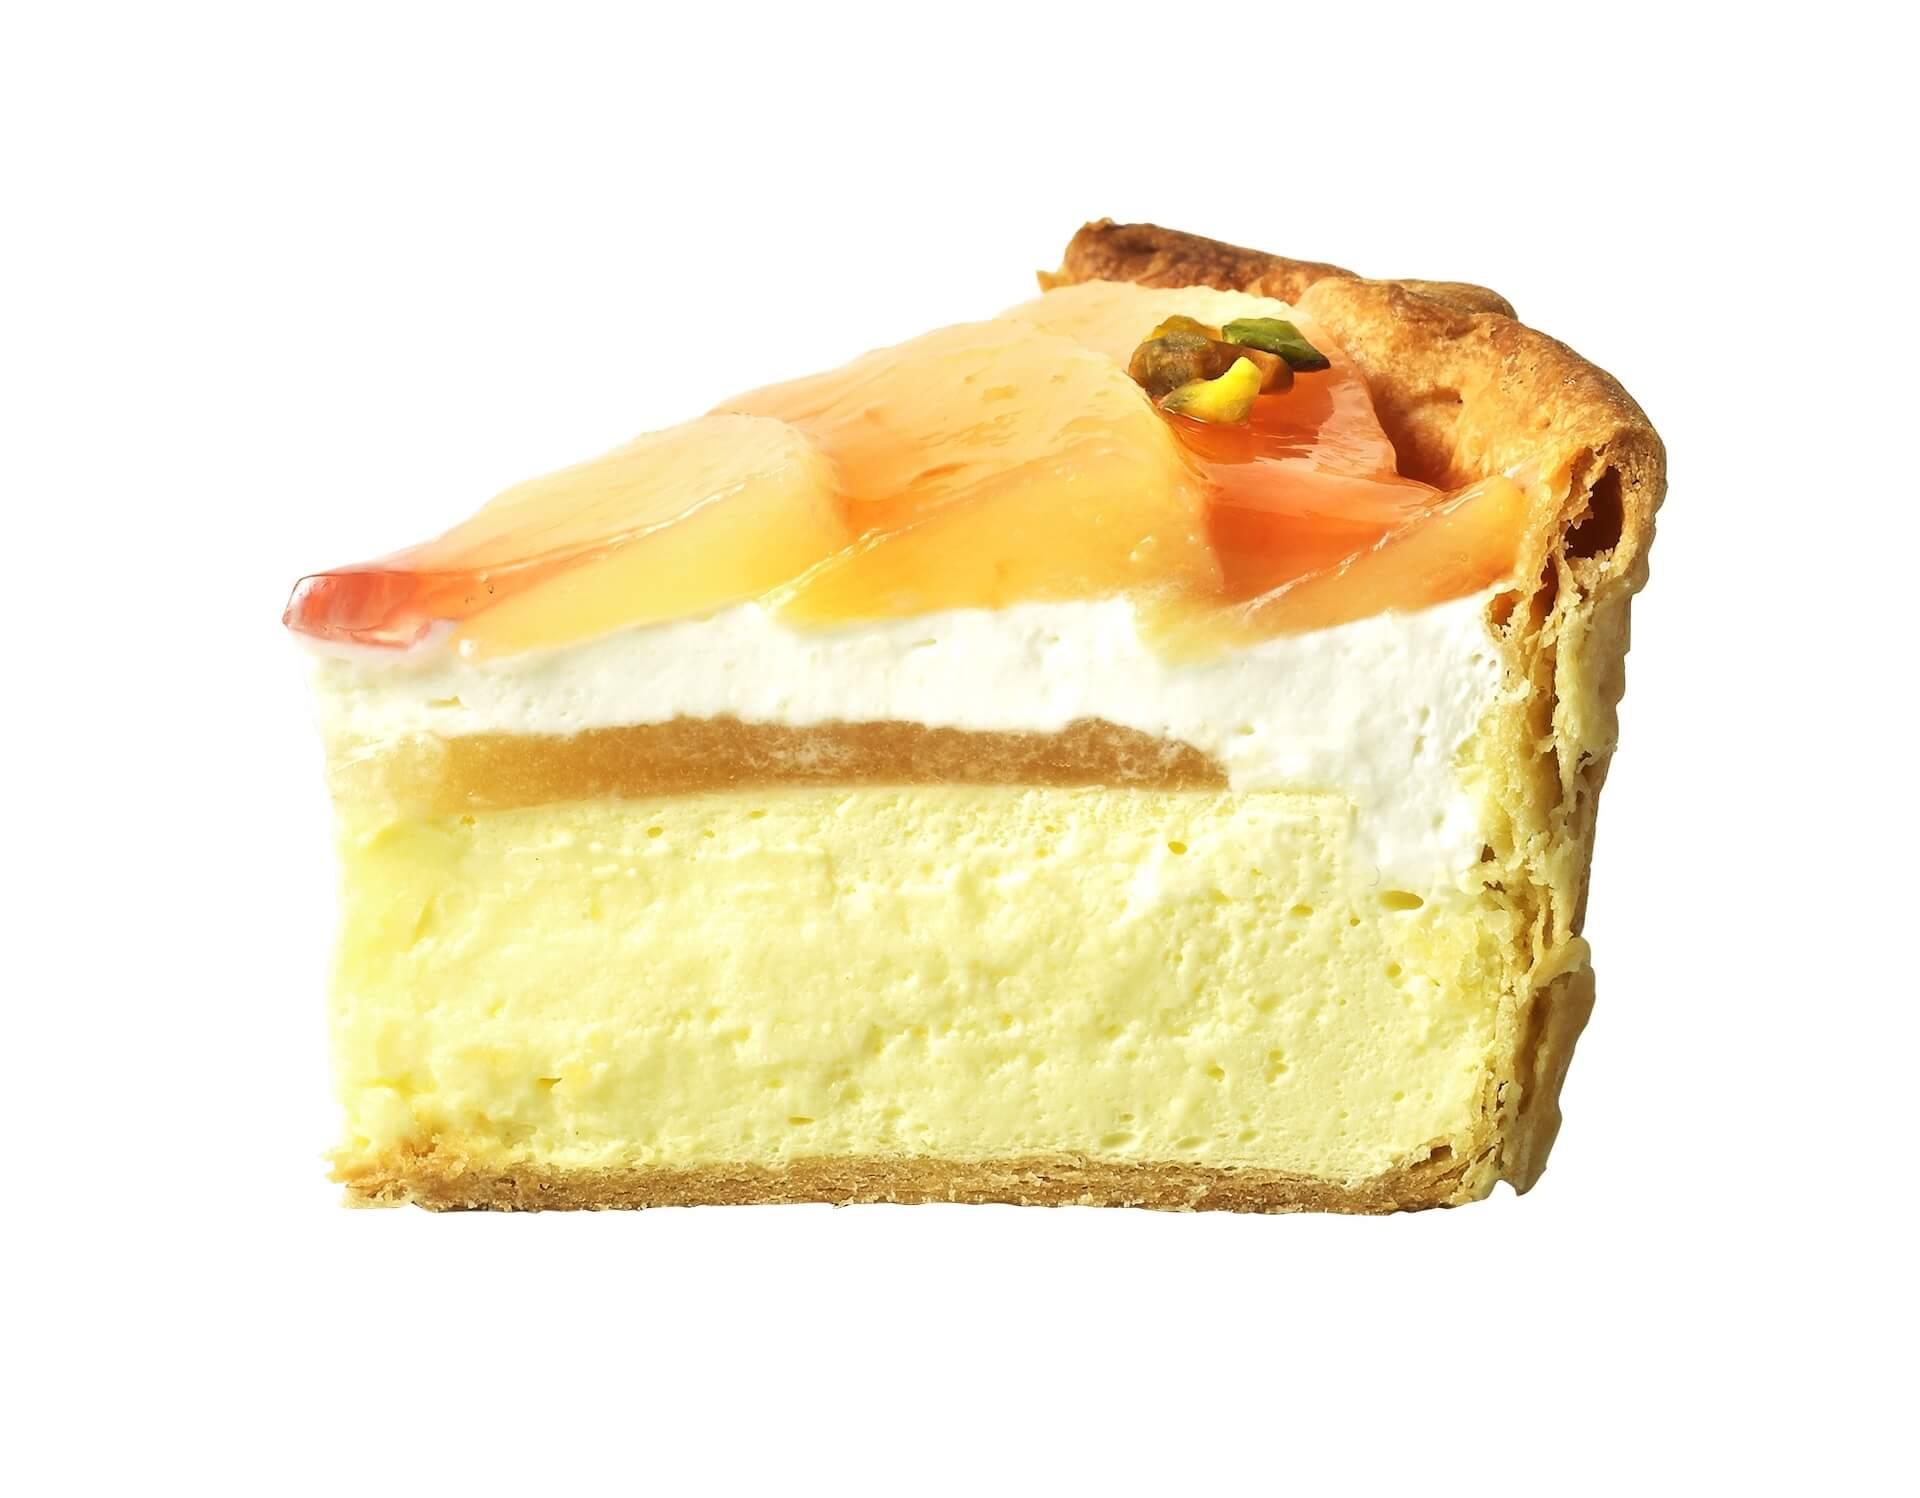 国産白桃が花びらのように敷き詰められたPABLOの新作『白桃とヨーグルトのチーズタルト』が1カ月限定で登場 gourmet_pablo_peachyogurt_04